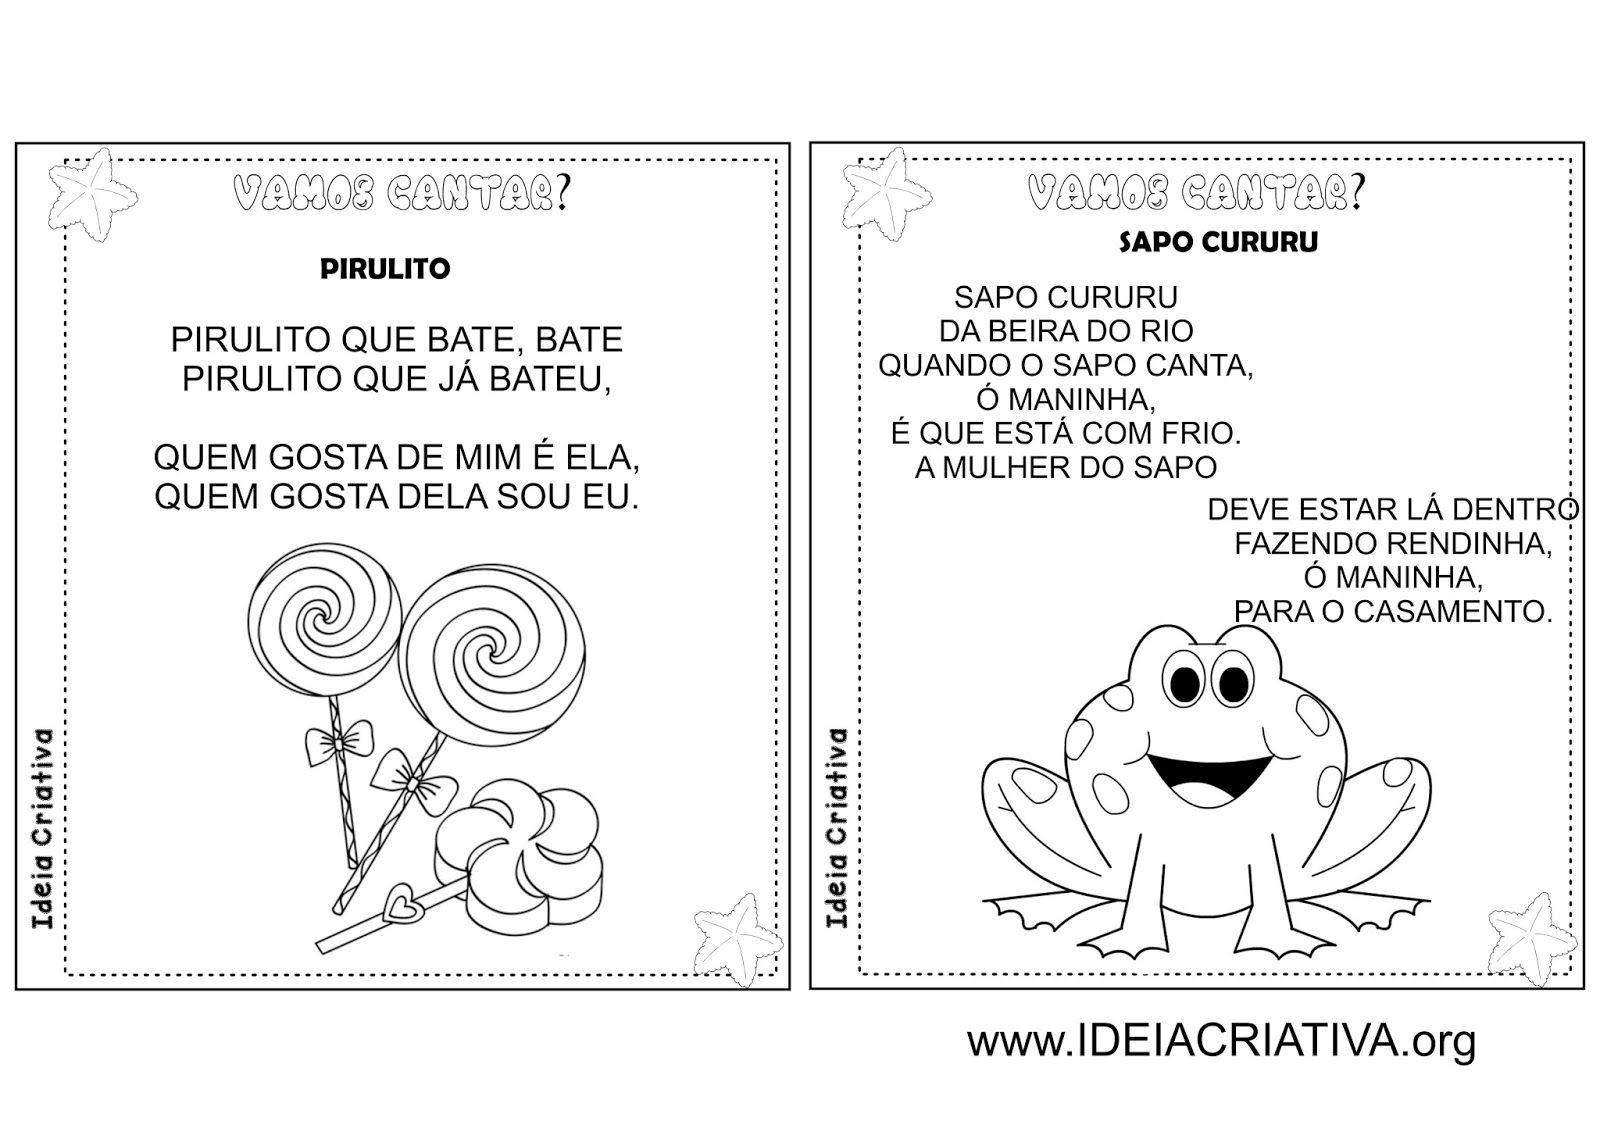 Excepcional Álbum Ilustrado Cantigas de Roda Folclore | Educação Infantil  JC46